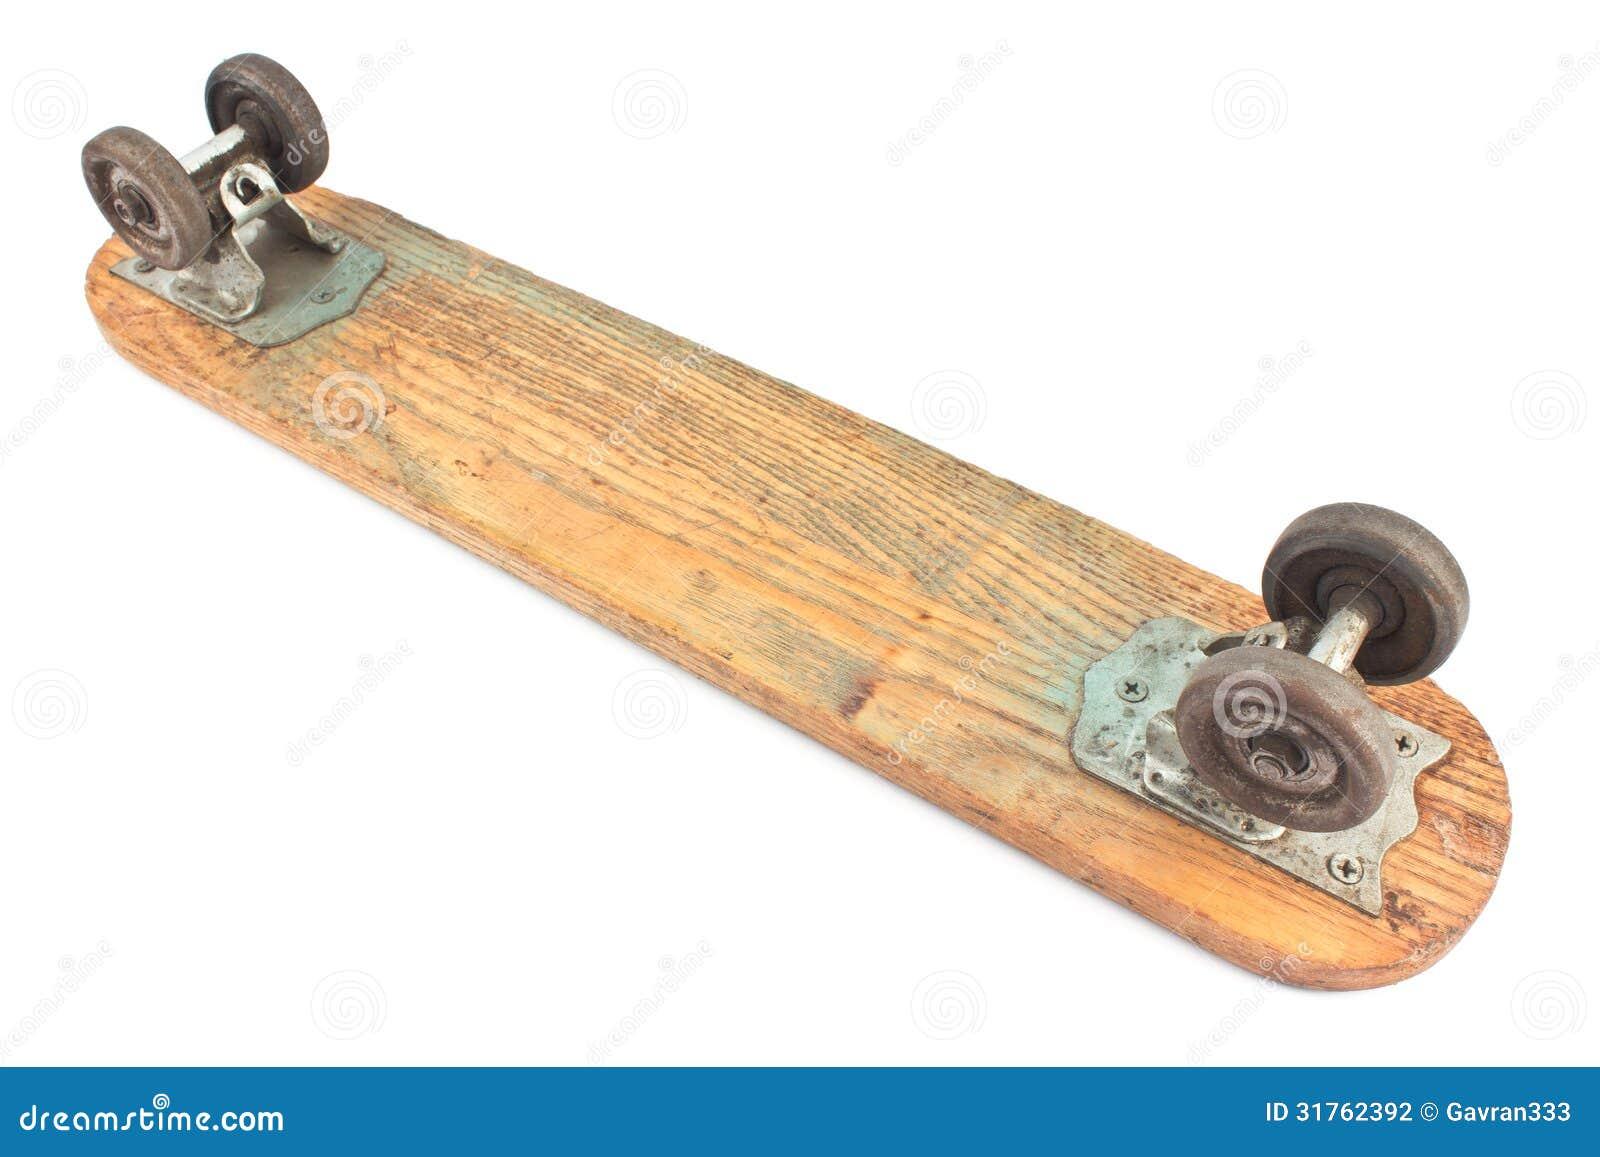 Vieille planche roulettes en bois for Vieille planche de bois